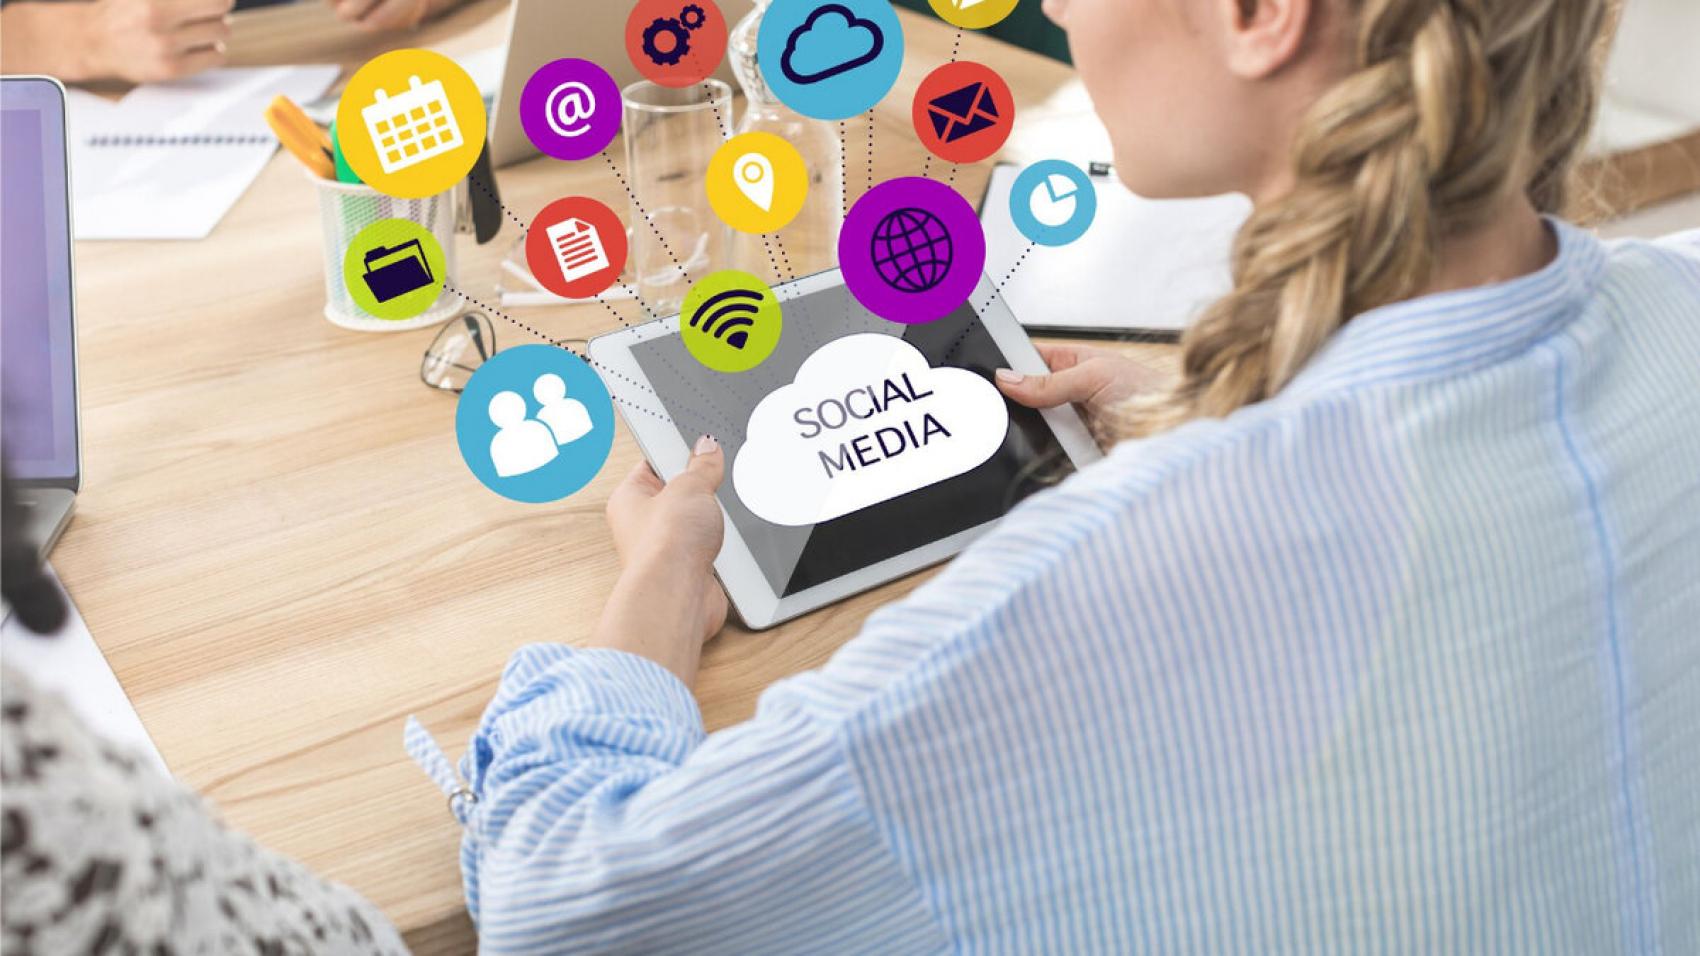 Кто, как и зачем покупает каналы и аккаунты в социальных сетях